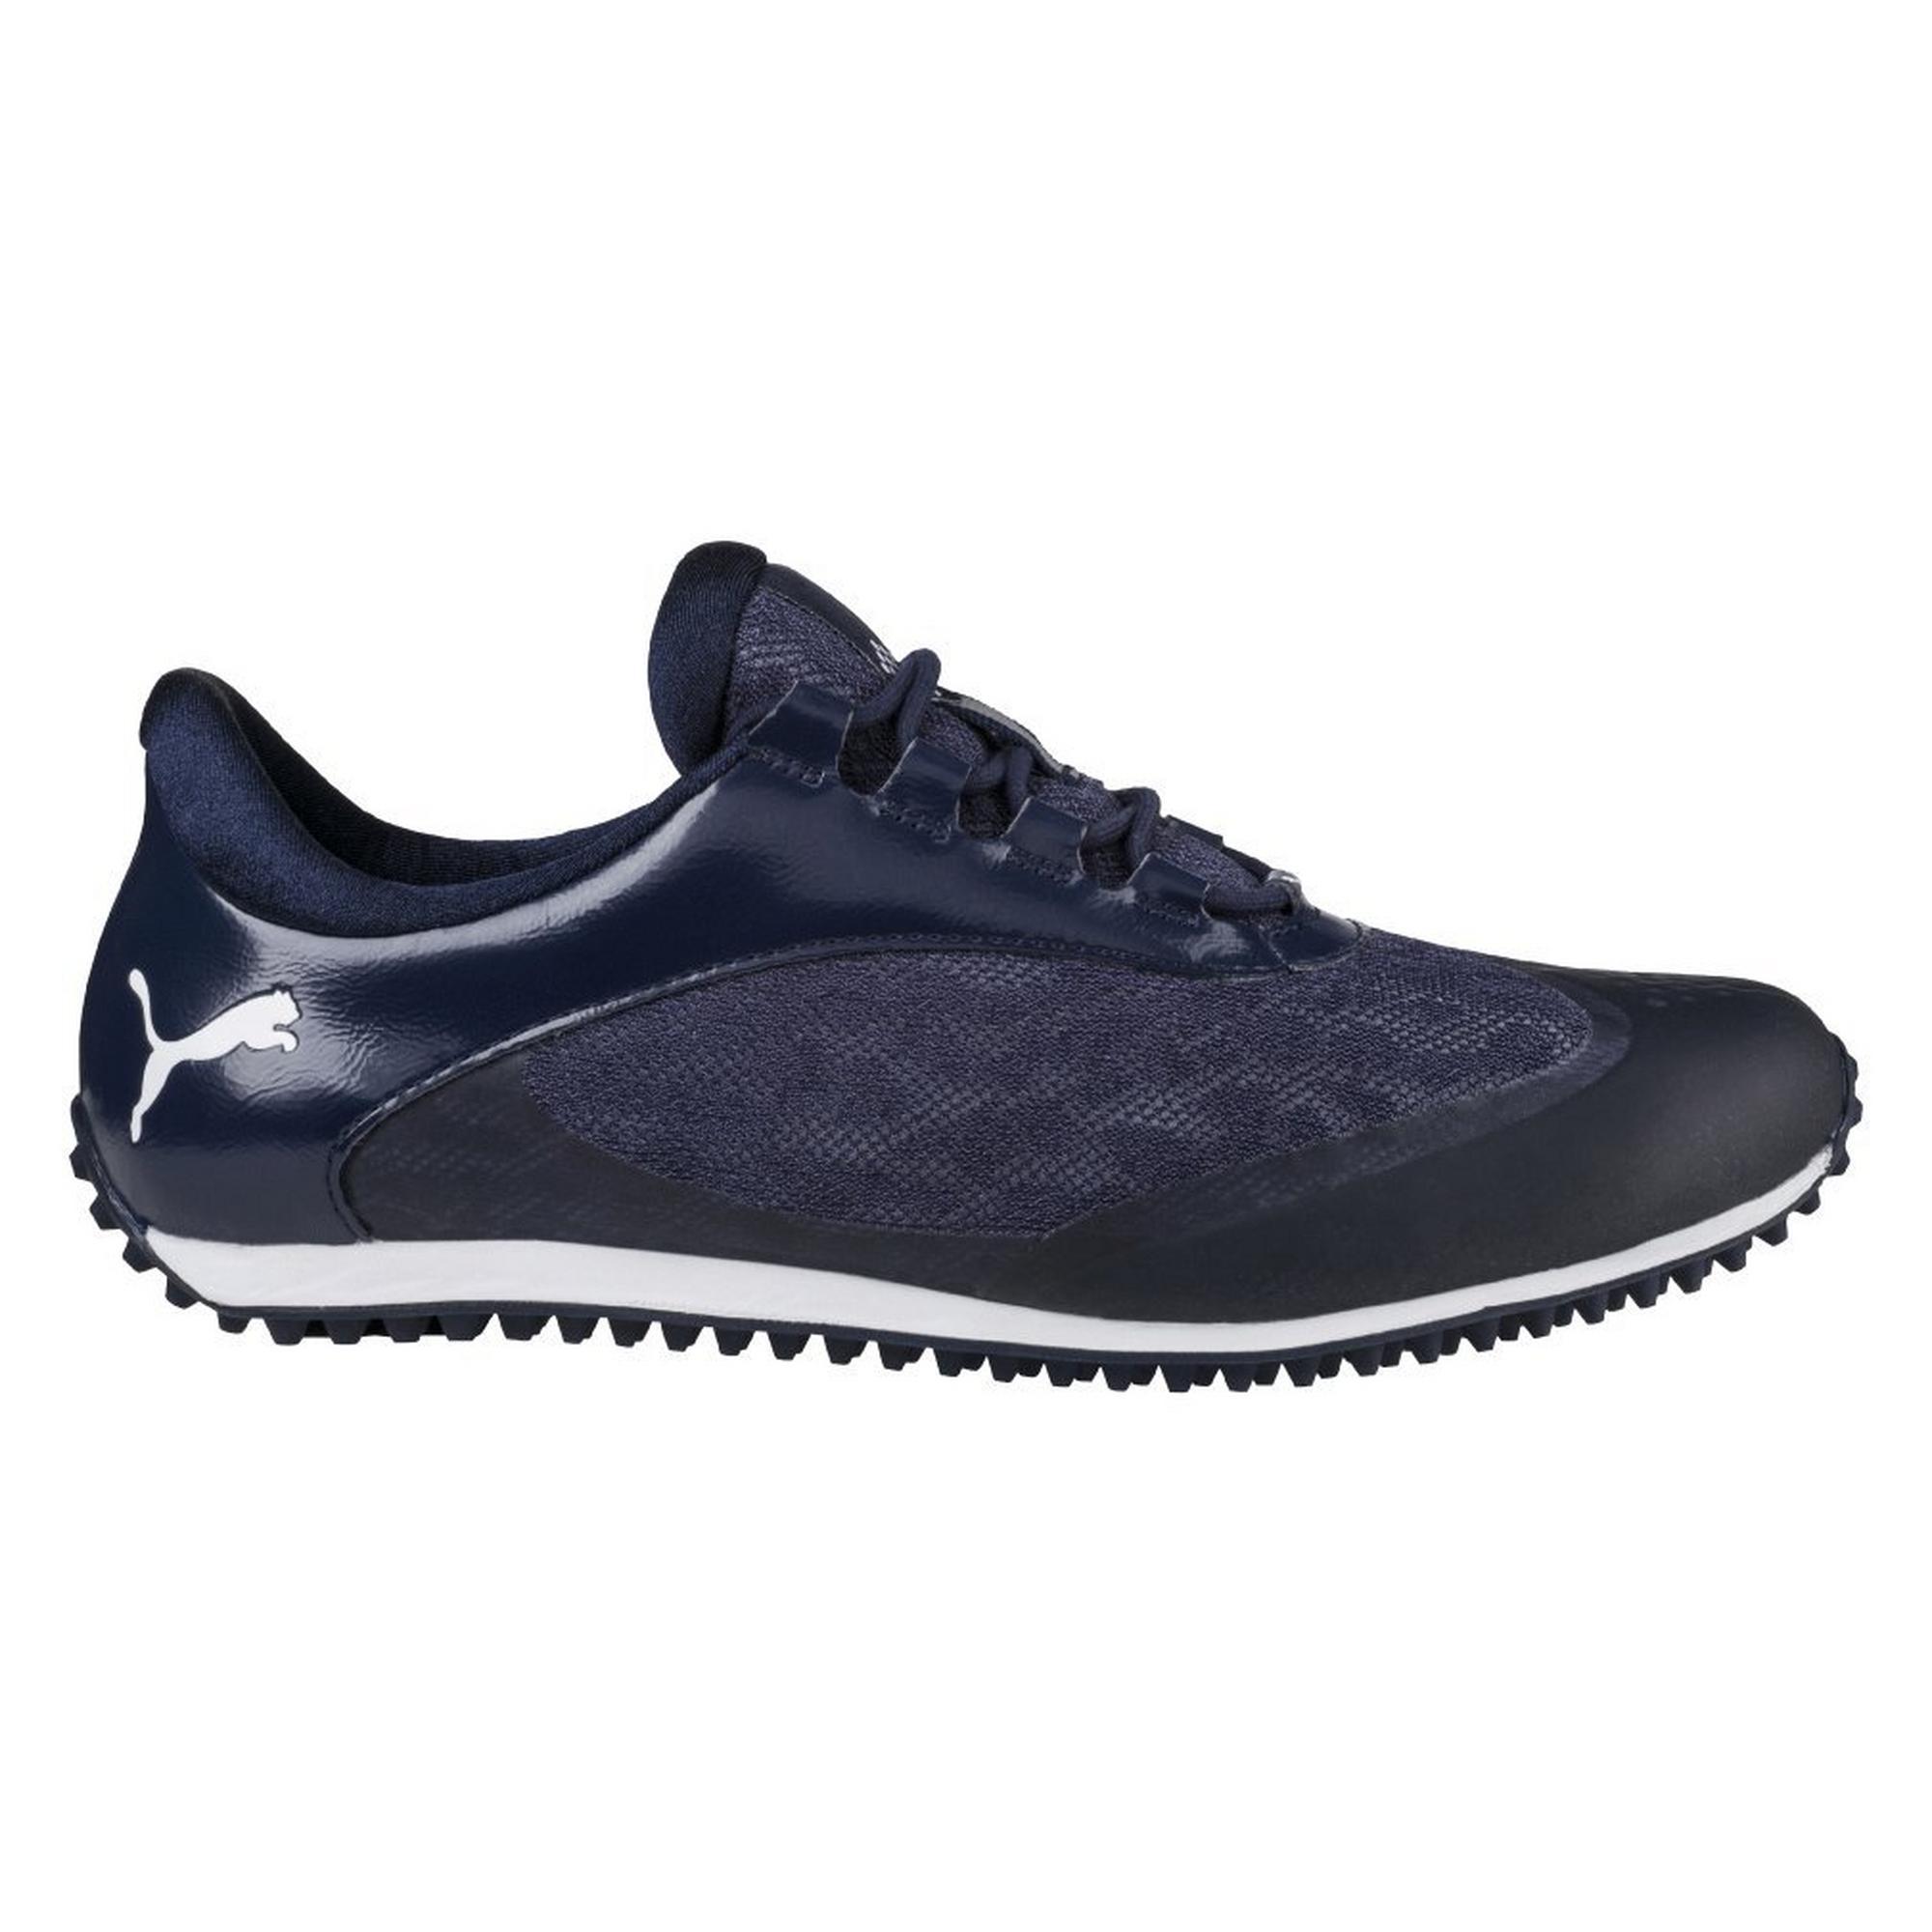 Women's Summercat Sport Spikeless Golf Shoe - NVY